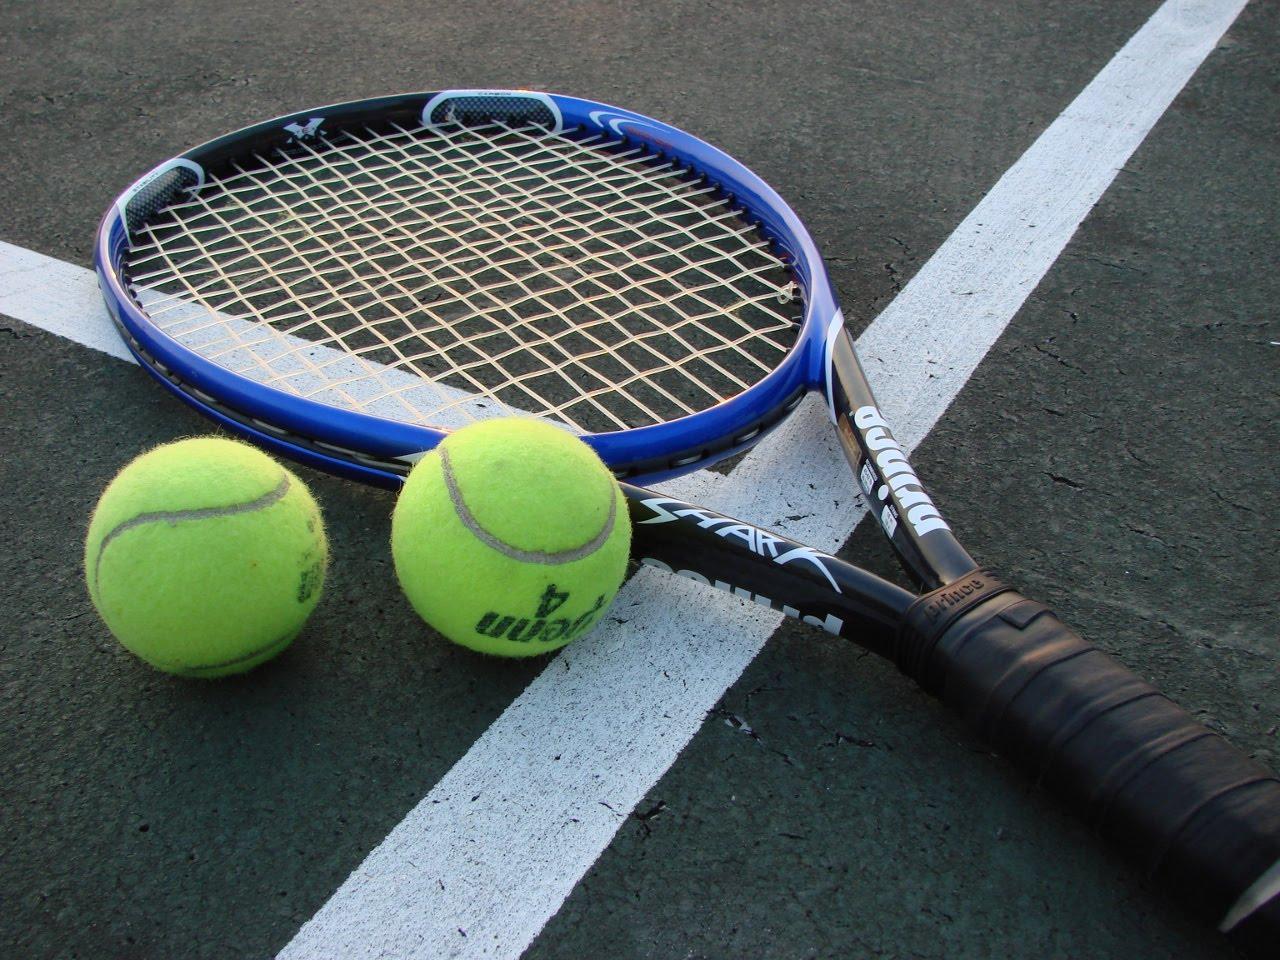 Tenistas juveniles dominicanos ganan clasificatoria en El Salvador